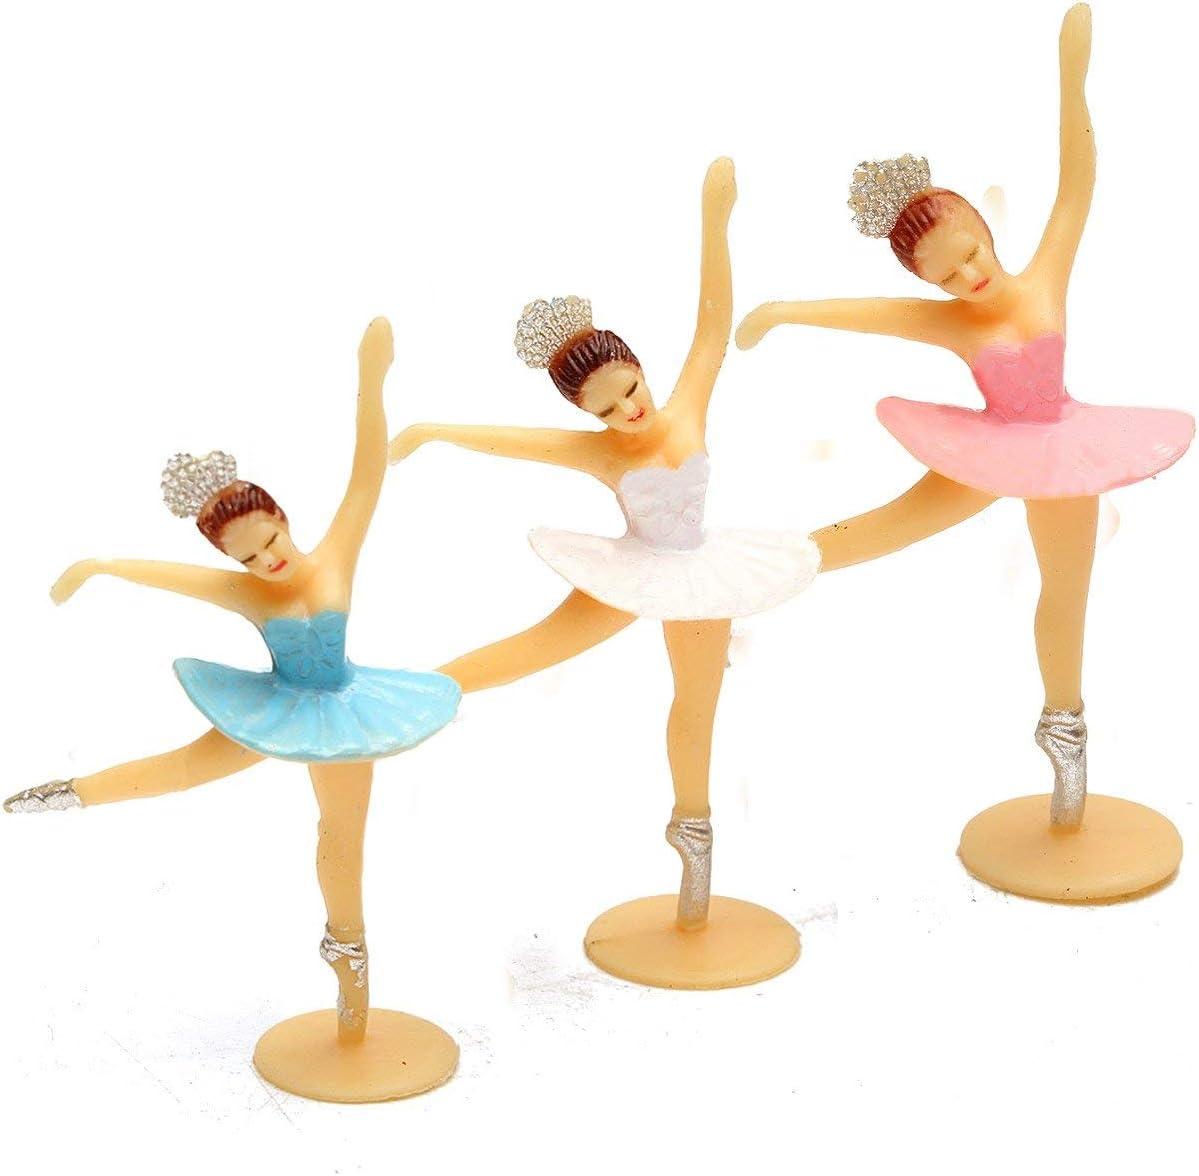 Uteruik Decoraciones - Bailarina Rosa decoración bebé Regalos Baby Shower Favors Dancing Party Mini Girl - 12 Pieza